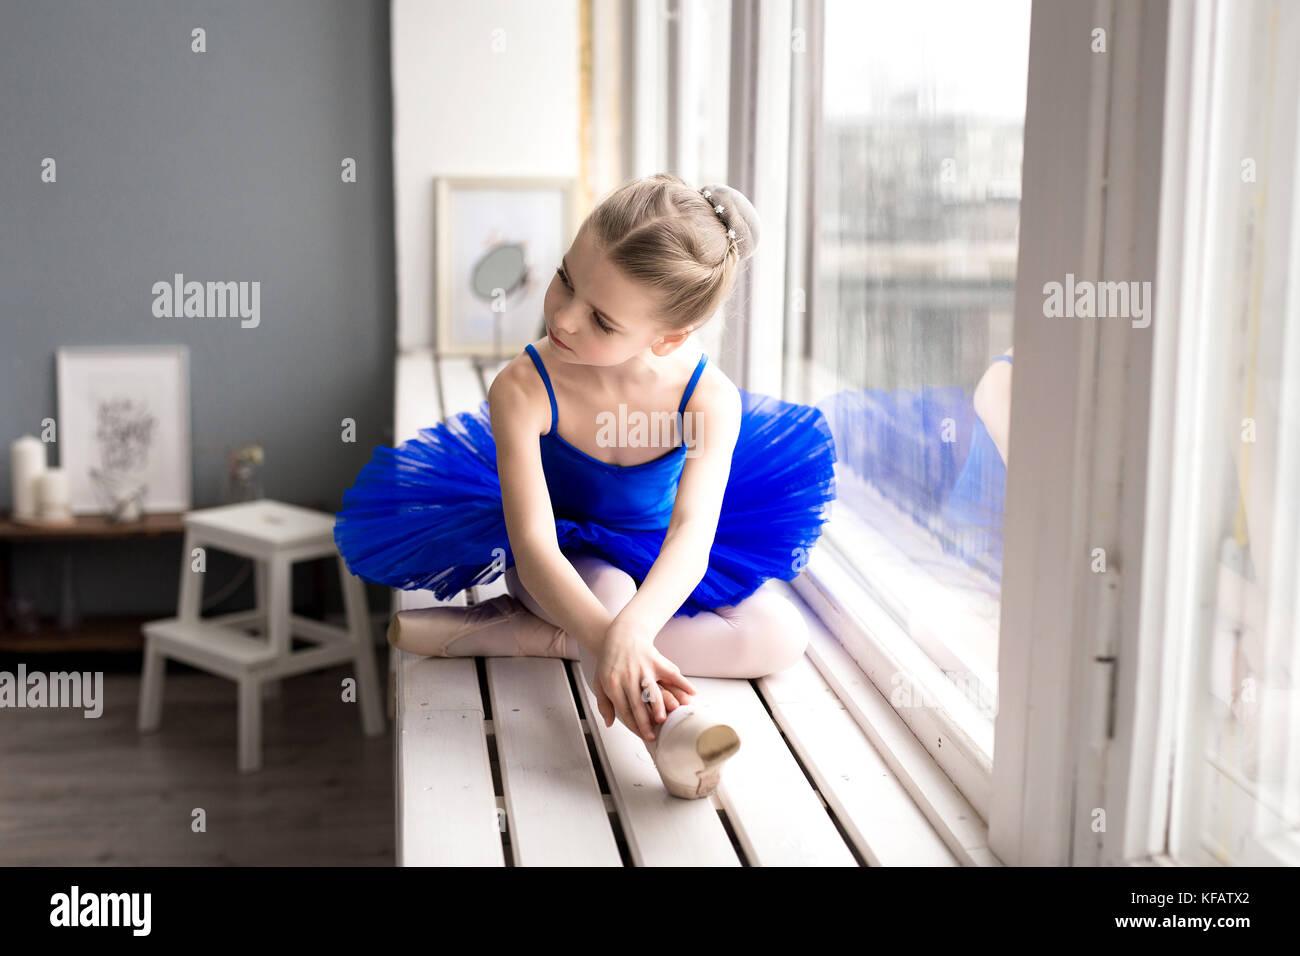 Kleine Mädchen träumt davon, eine Ballerina. Kind, Mädchen in einem blauen Ballett Kostüm tanzen Stockbild